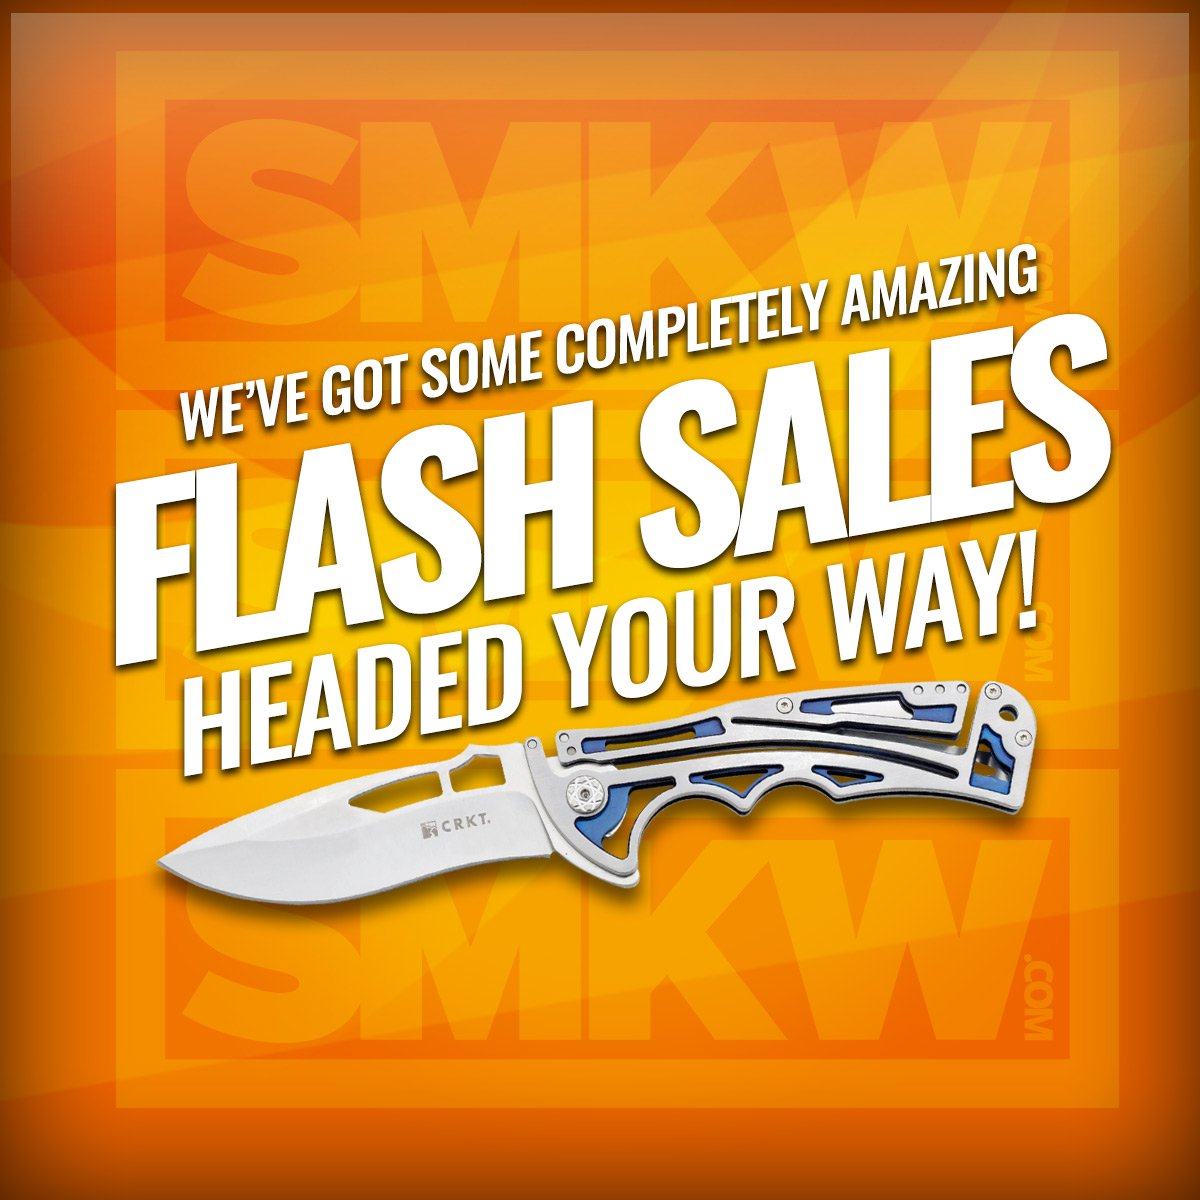 Flash Sales at SMKW.com